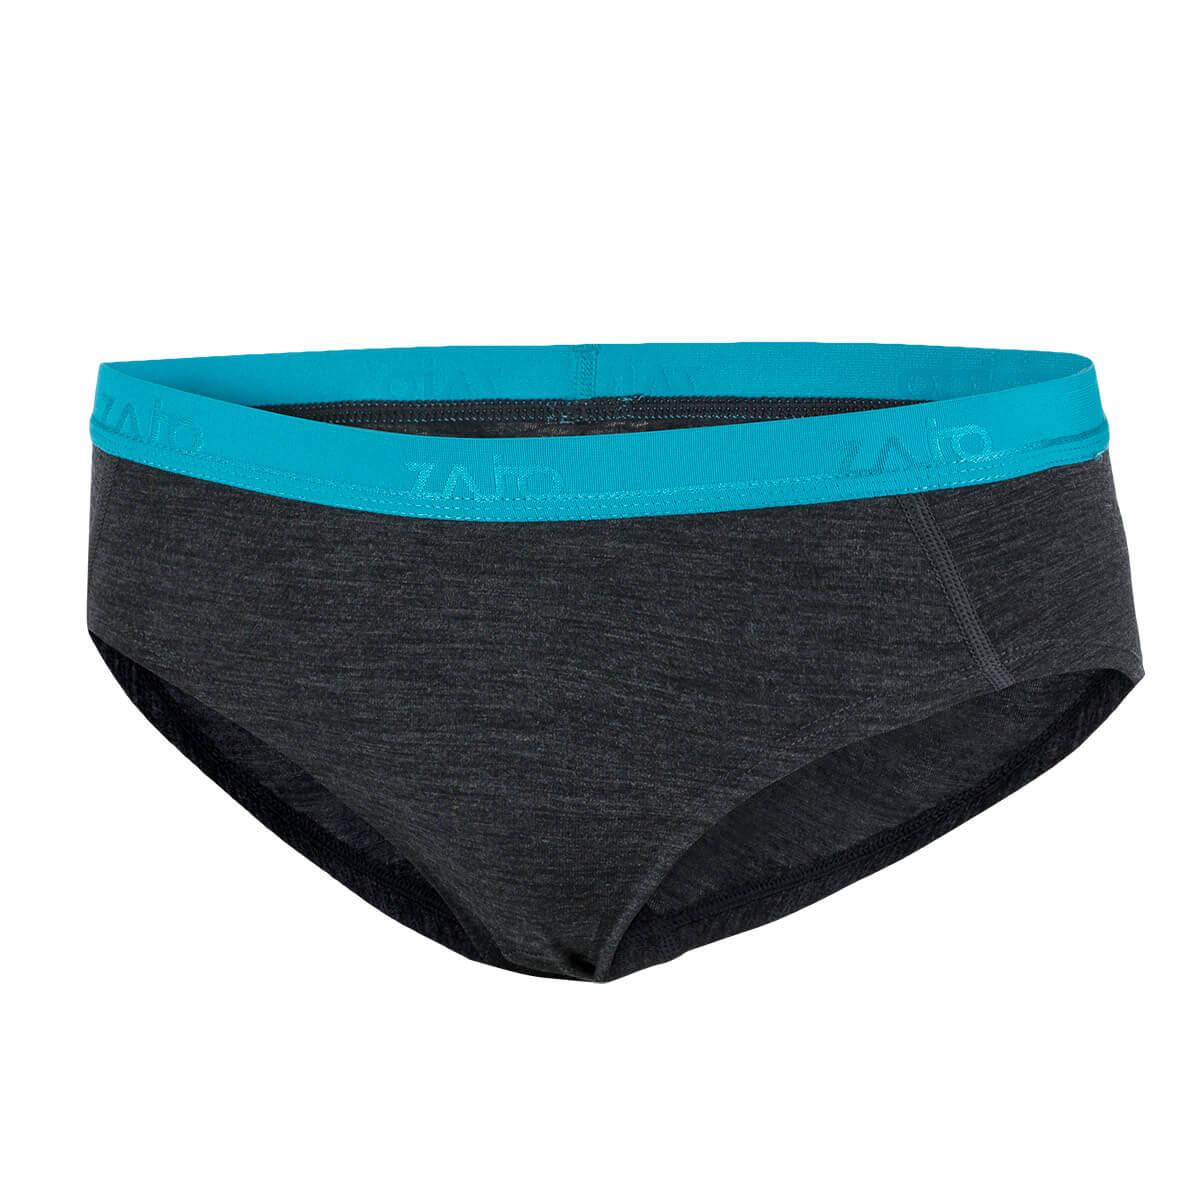 Dámske spodné prádlo Zajo Elsa Merino Nylon W Briefs Black - veľkosť XS